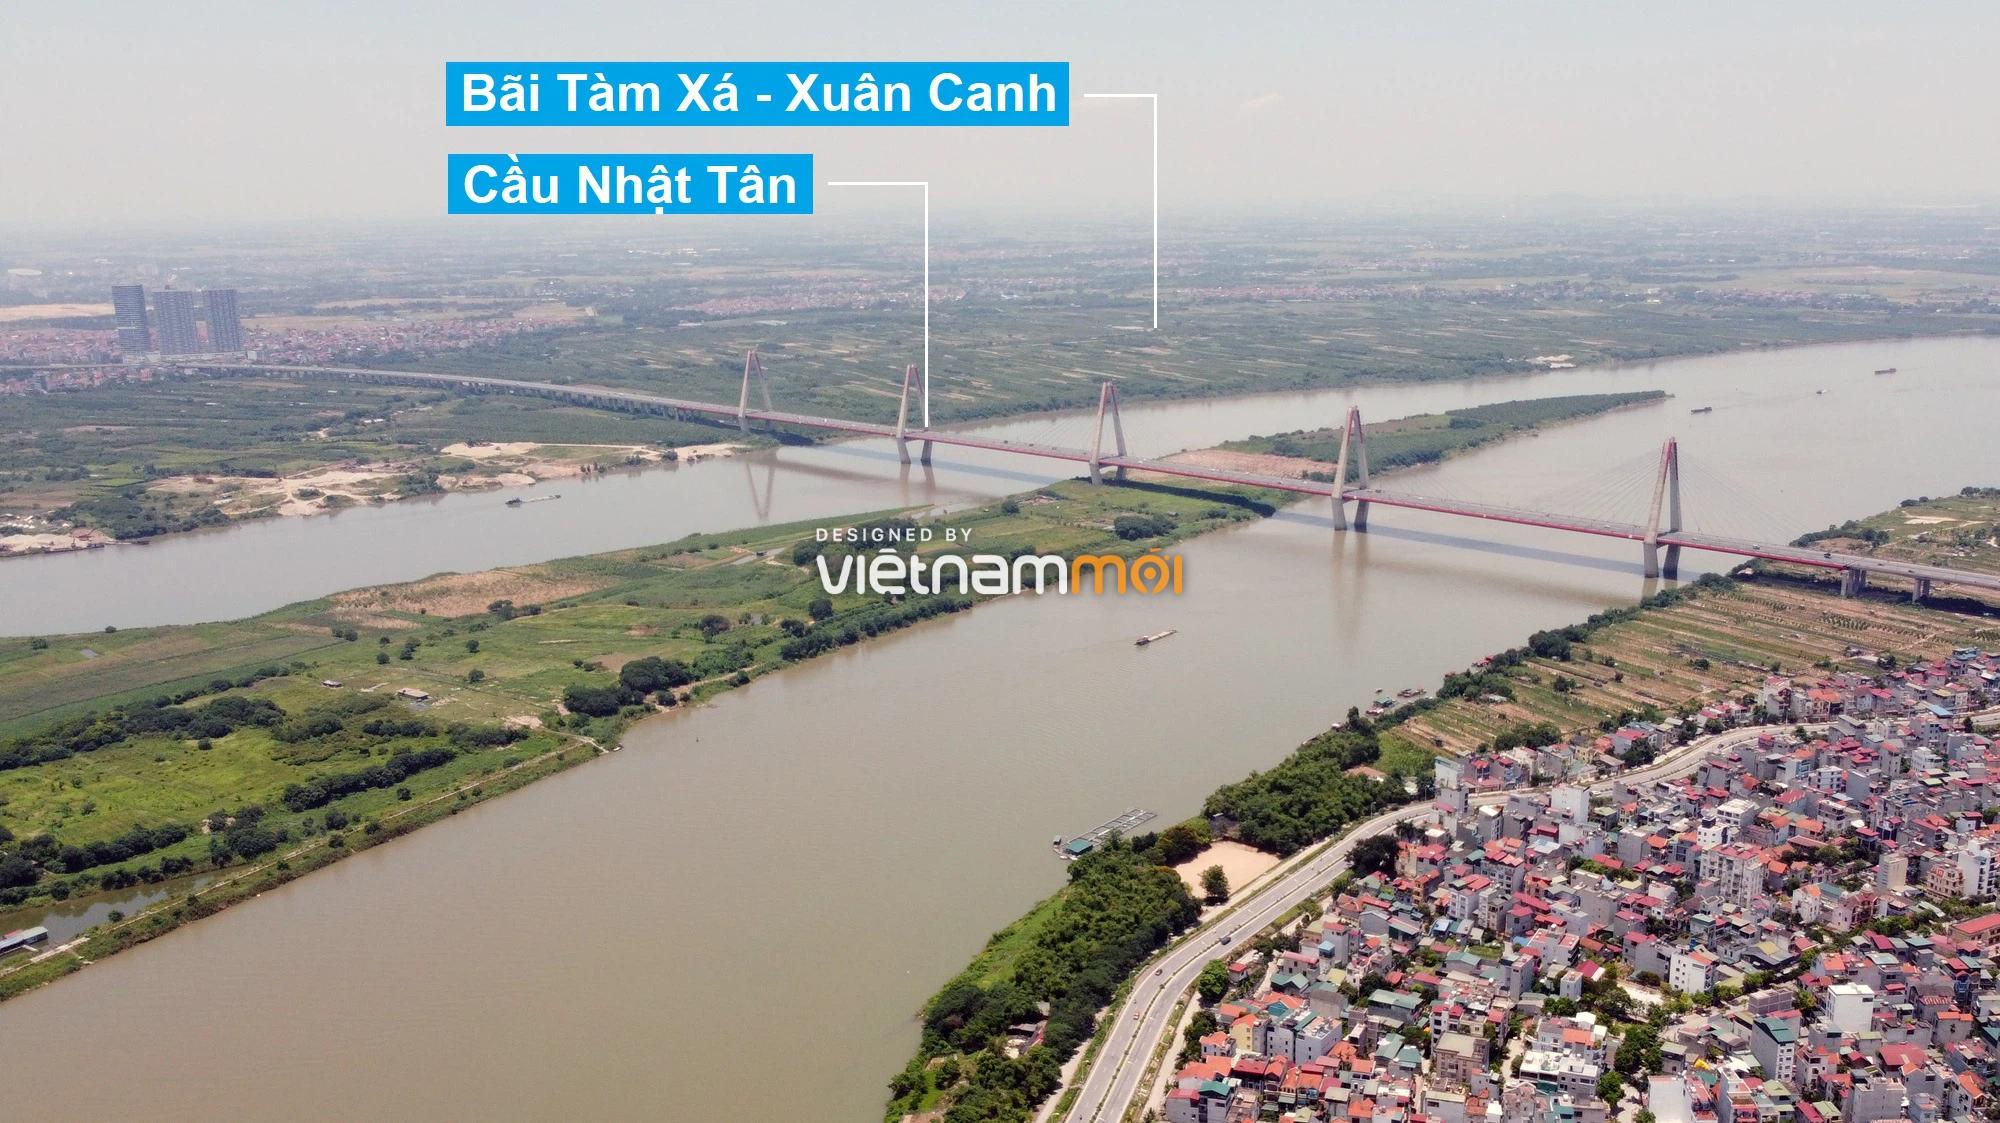 Hà Nội: Toàn cảnh hai bãi sông Hồng được phép xây dựng - Ảnh 1.